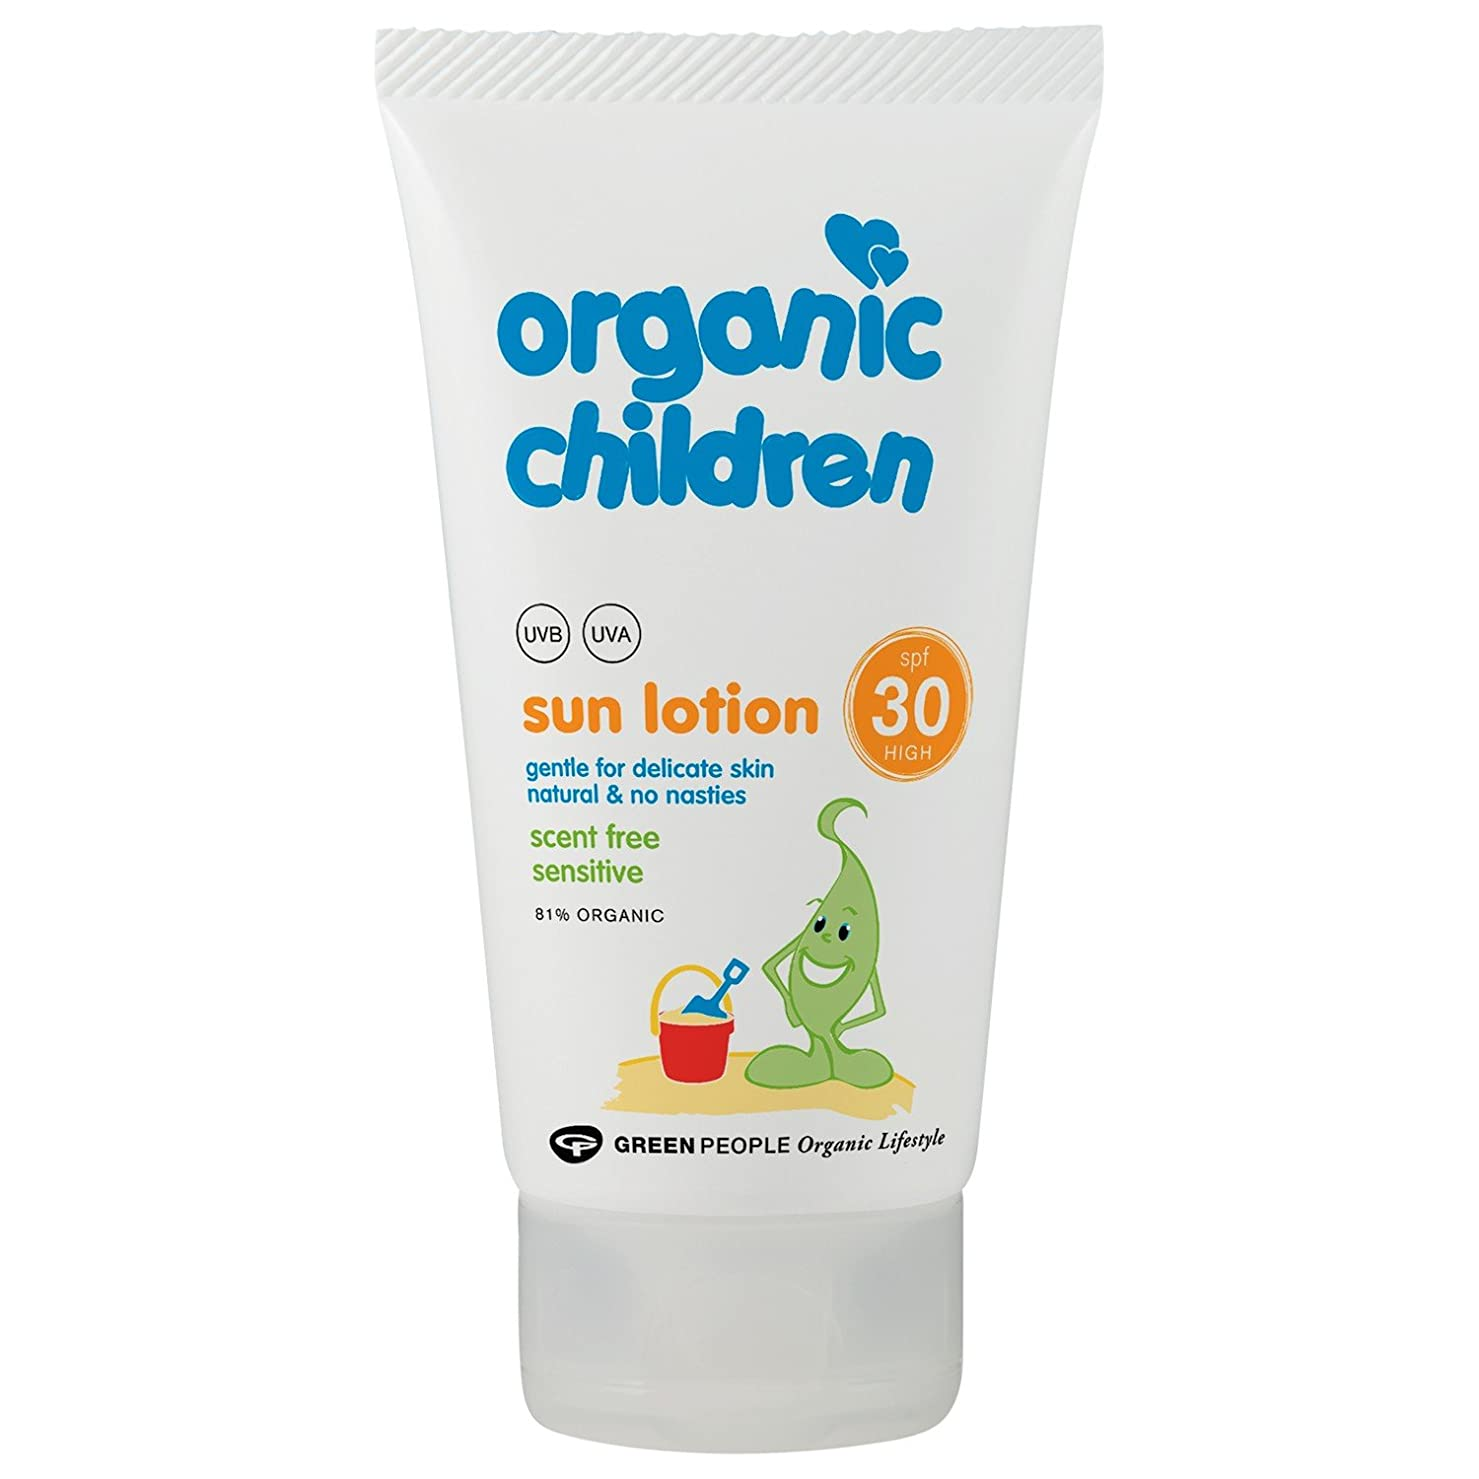 指令弾性リル有機子どもたちは30日のローション150グラムを x4 - Organic Children SPF 30 Sun Lotion 150g (Pack of 4) [並行輸入品]